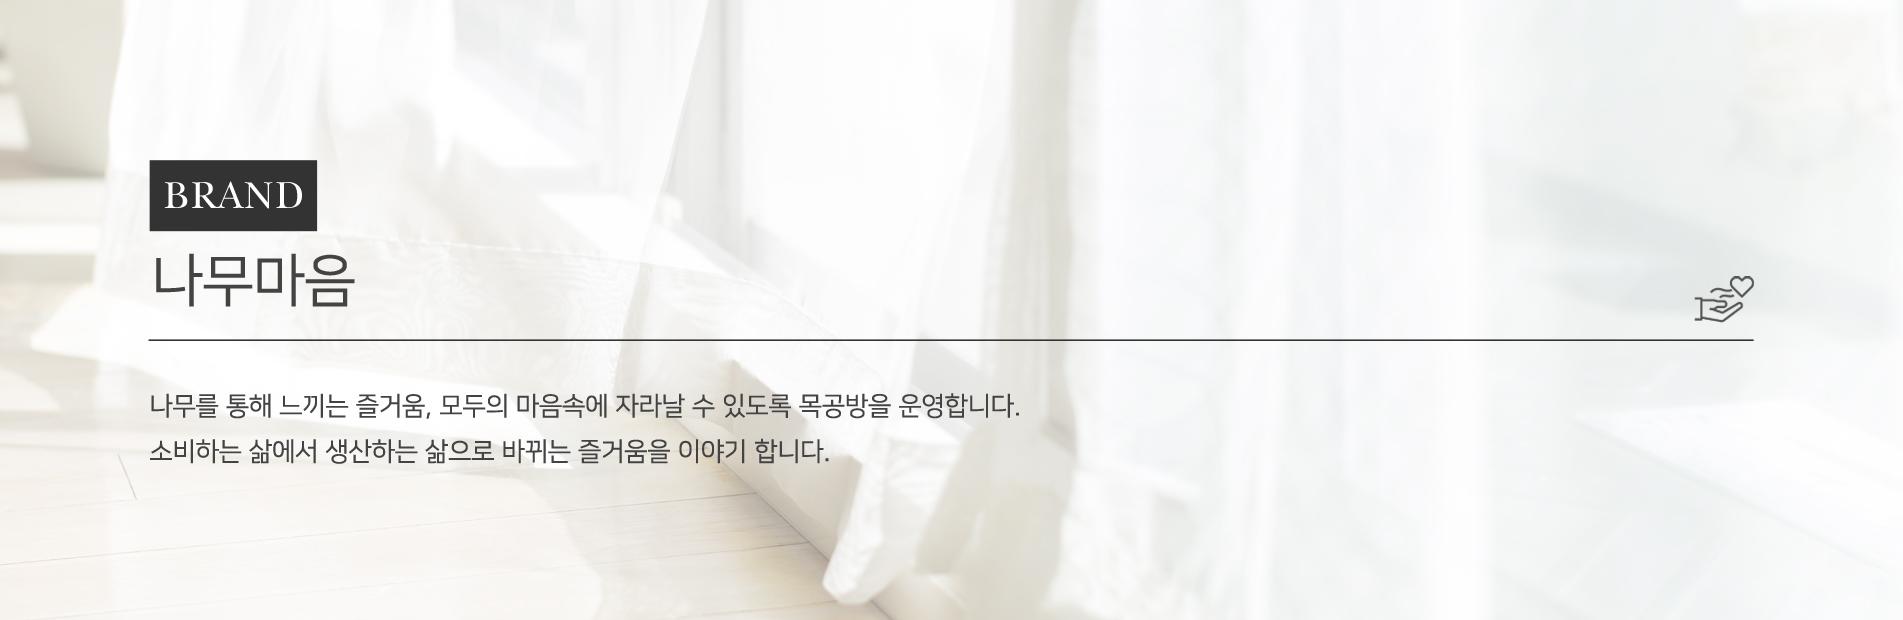 30밀리스토어 소셜가 나무마음 브랜드 소개